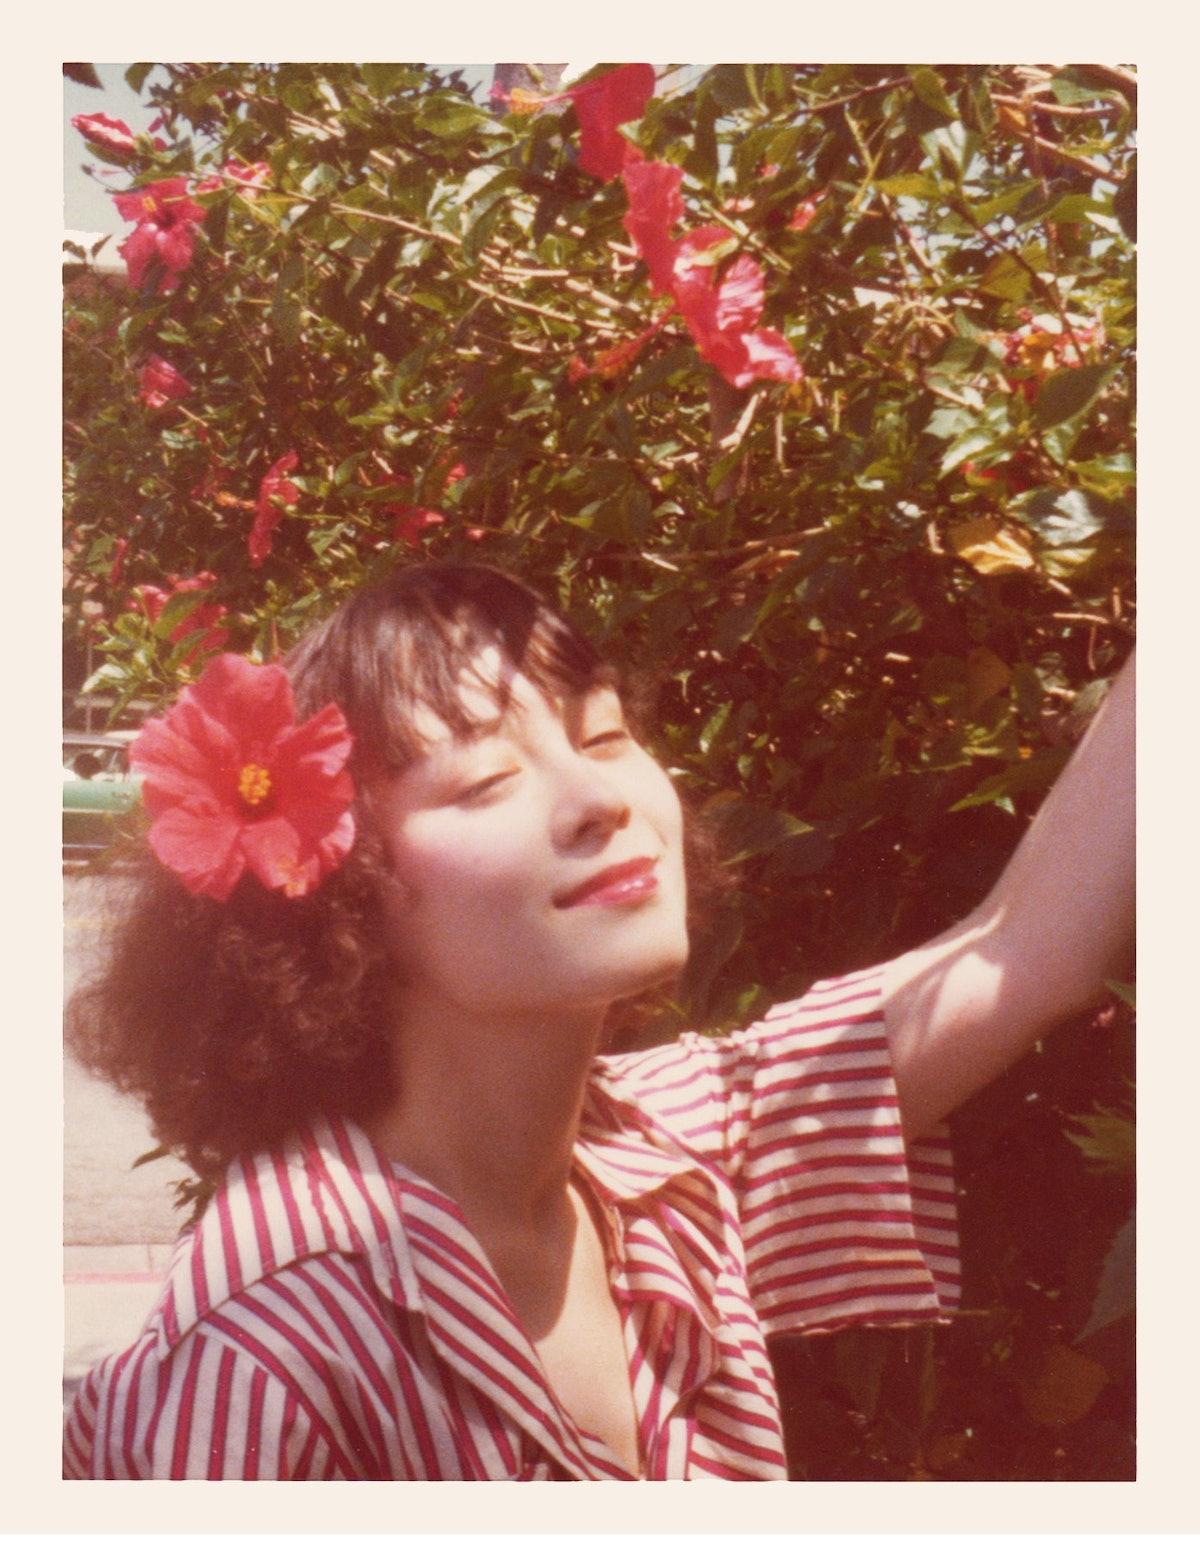 Antonio Lopez_Single_Tina Chow 1974.jpg